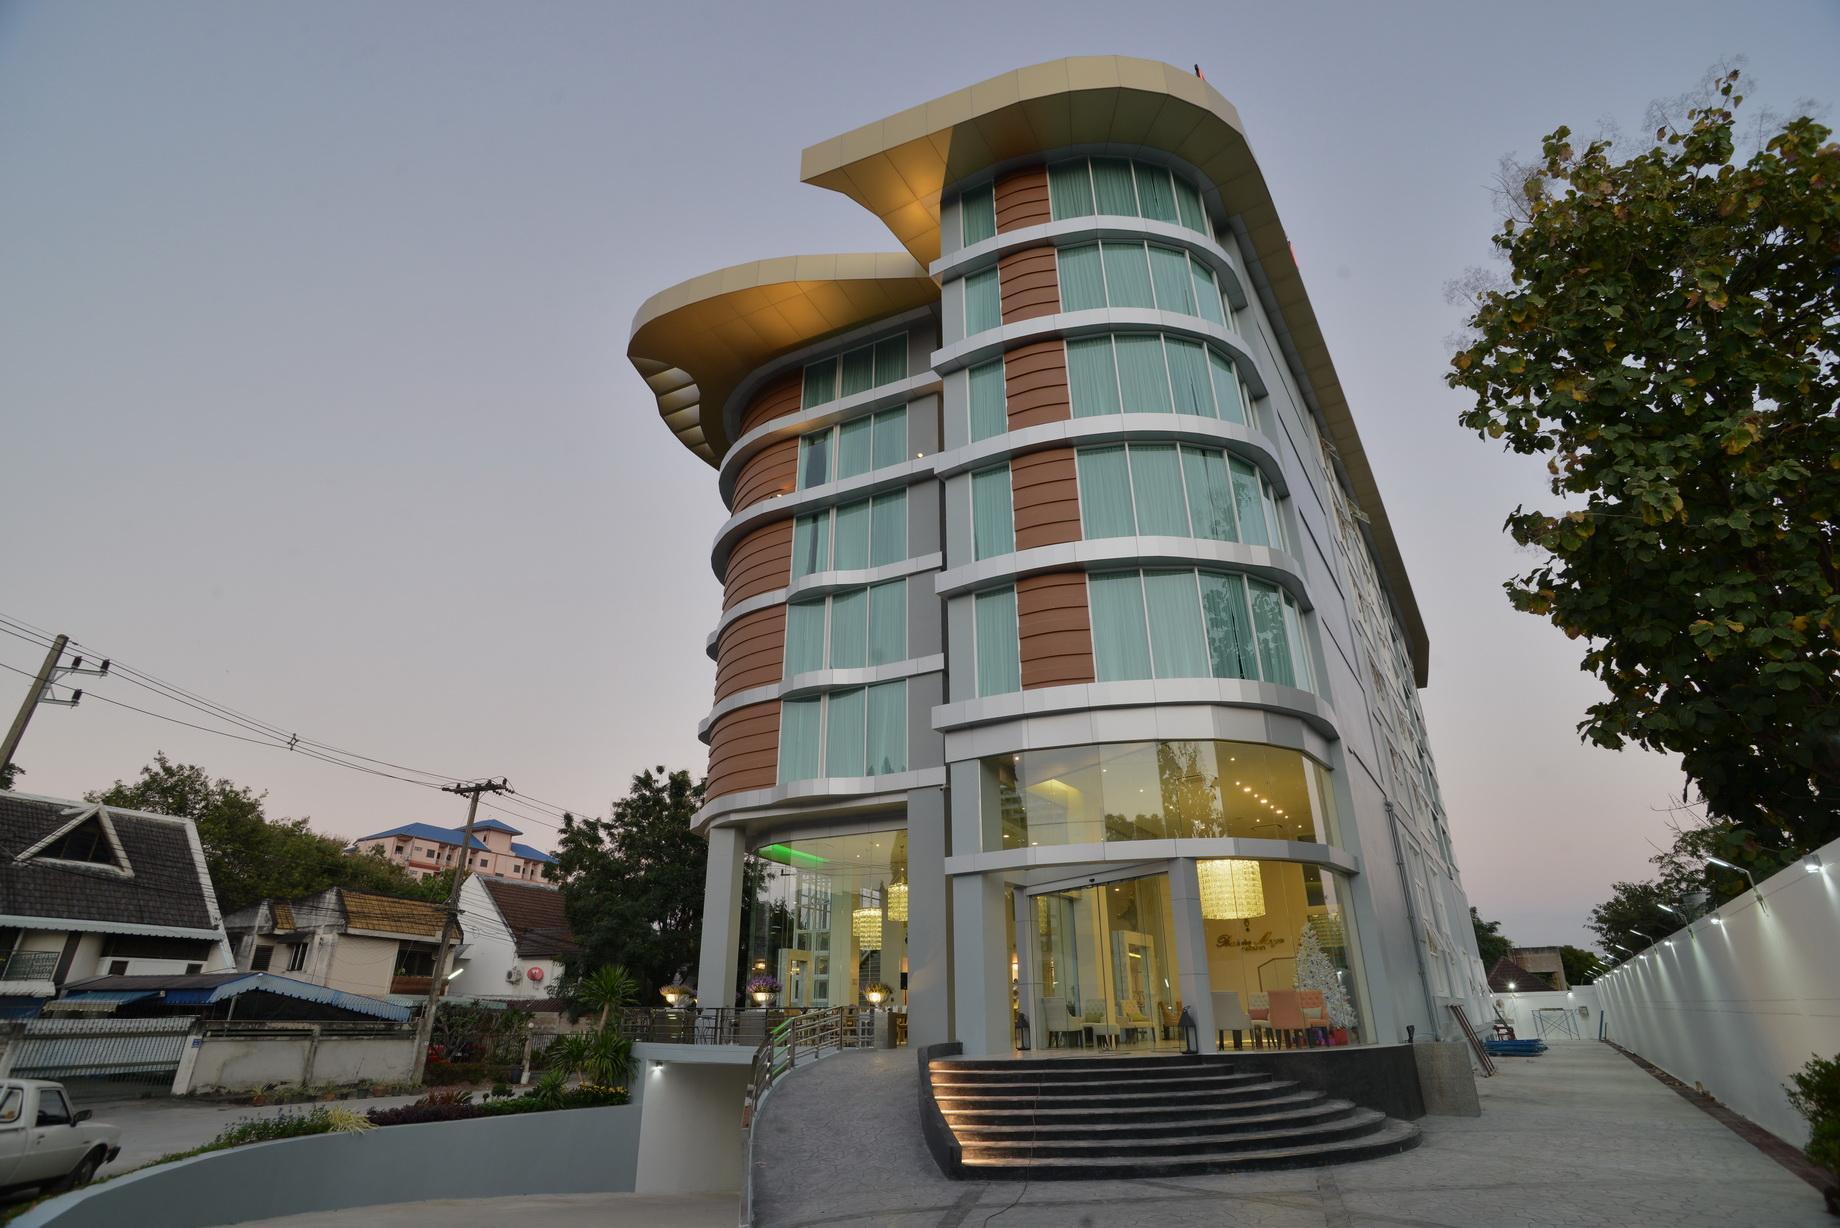 รีวิวเด็ดๆ โรงแรมบายสิริมายา - เชียงใหม่ ส่วนลด